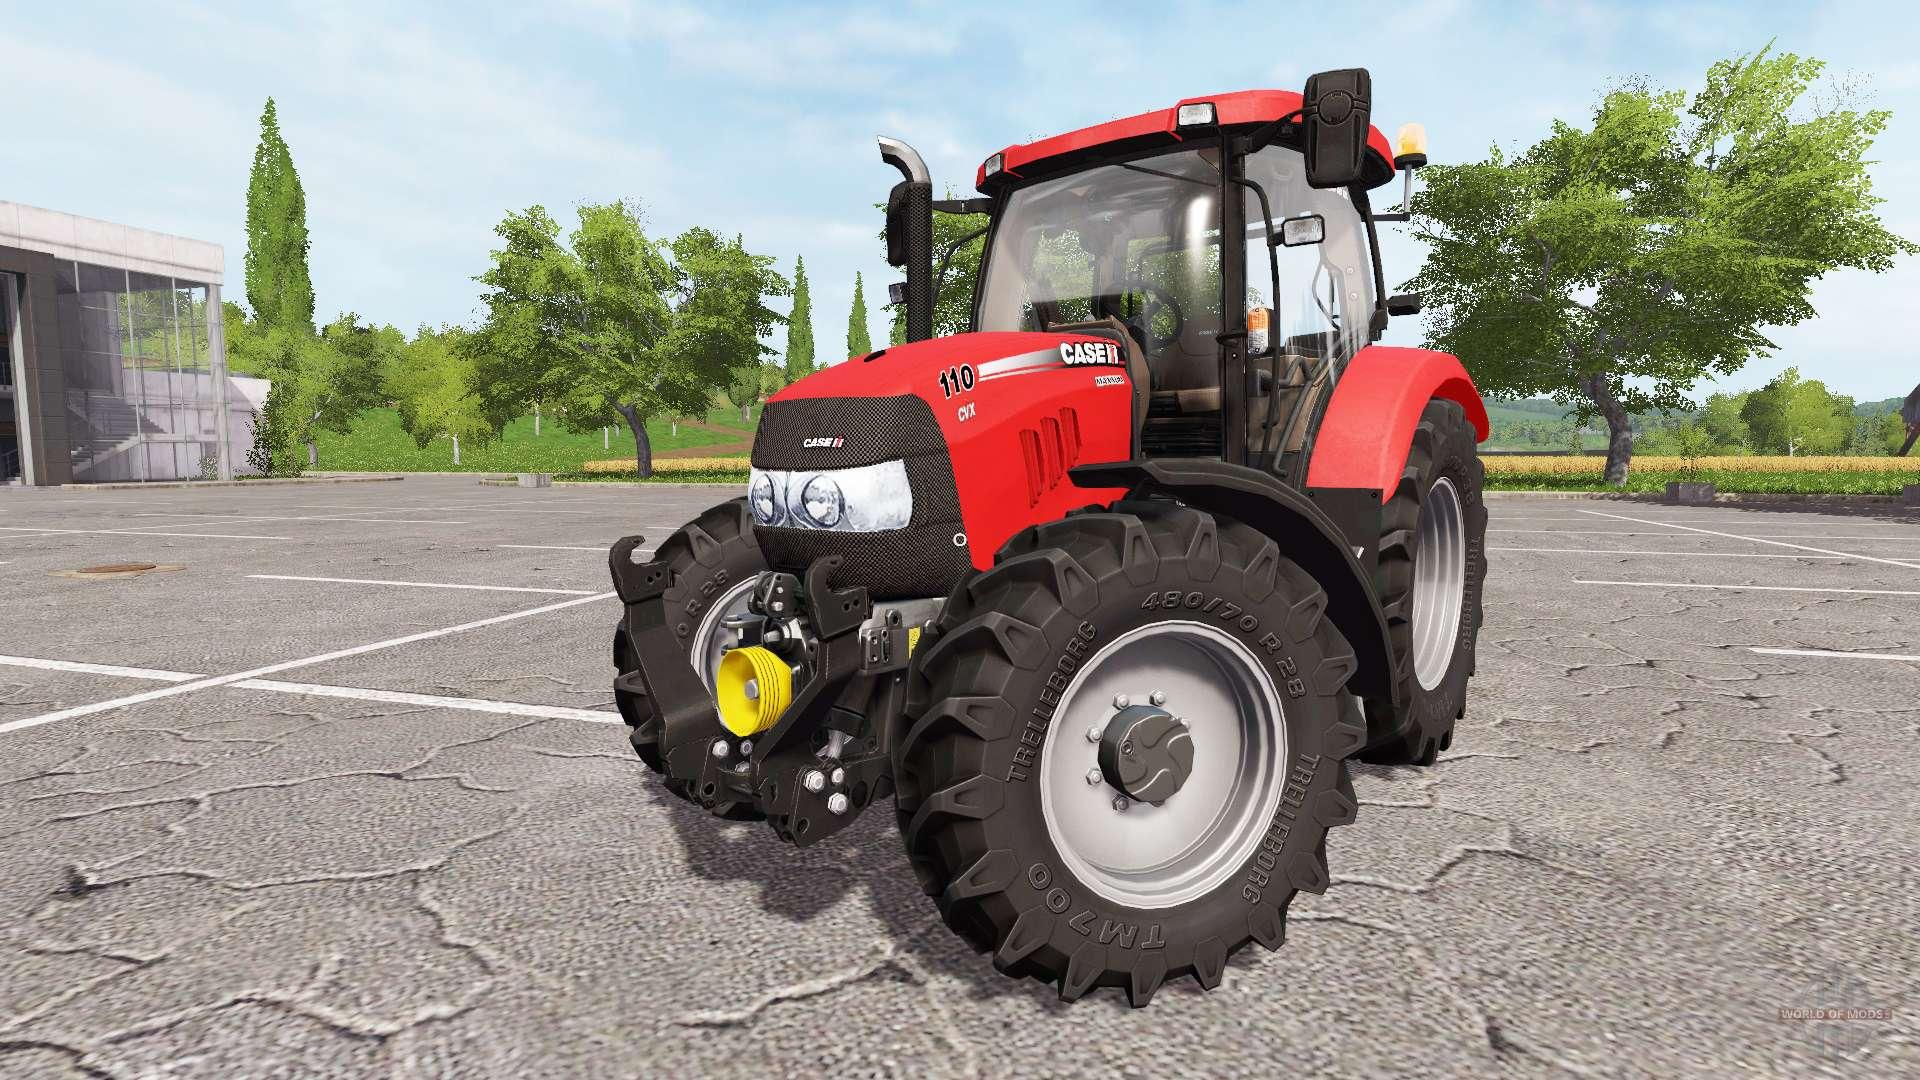 Case IH Maxxum 110 CVX v5.8.8 for Farming Simulator 2017